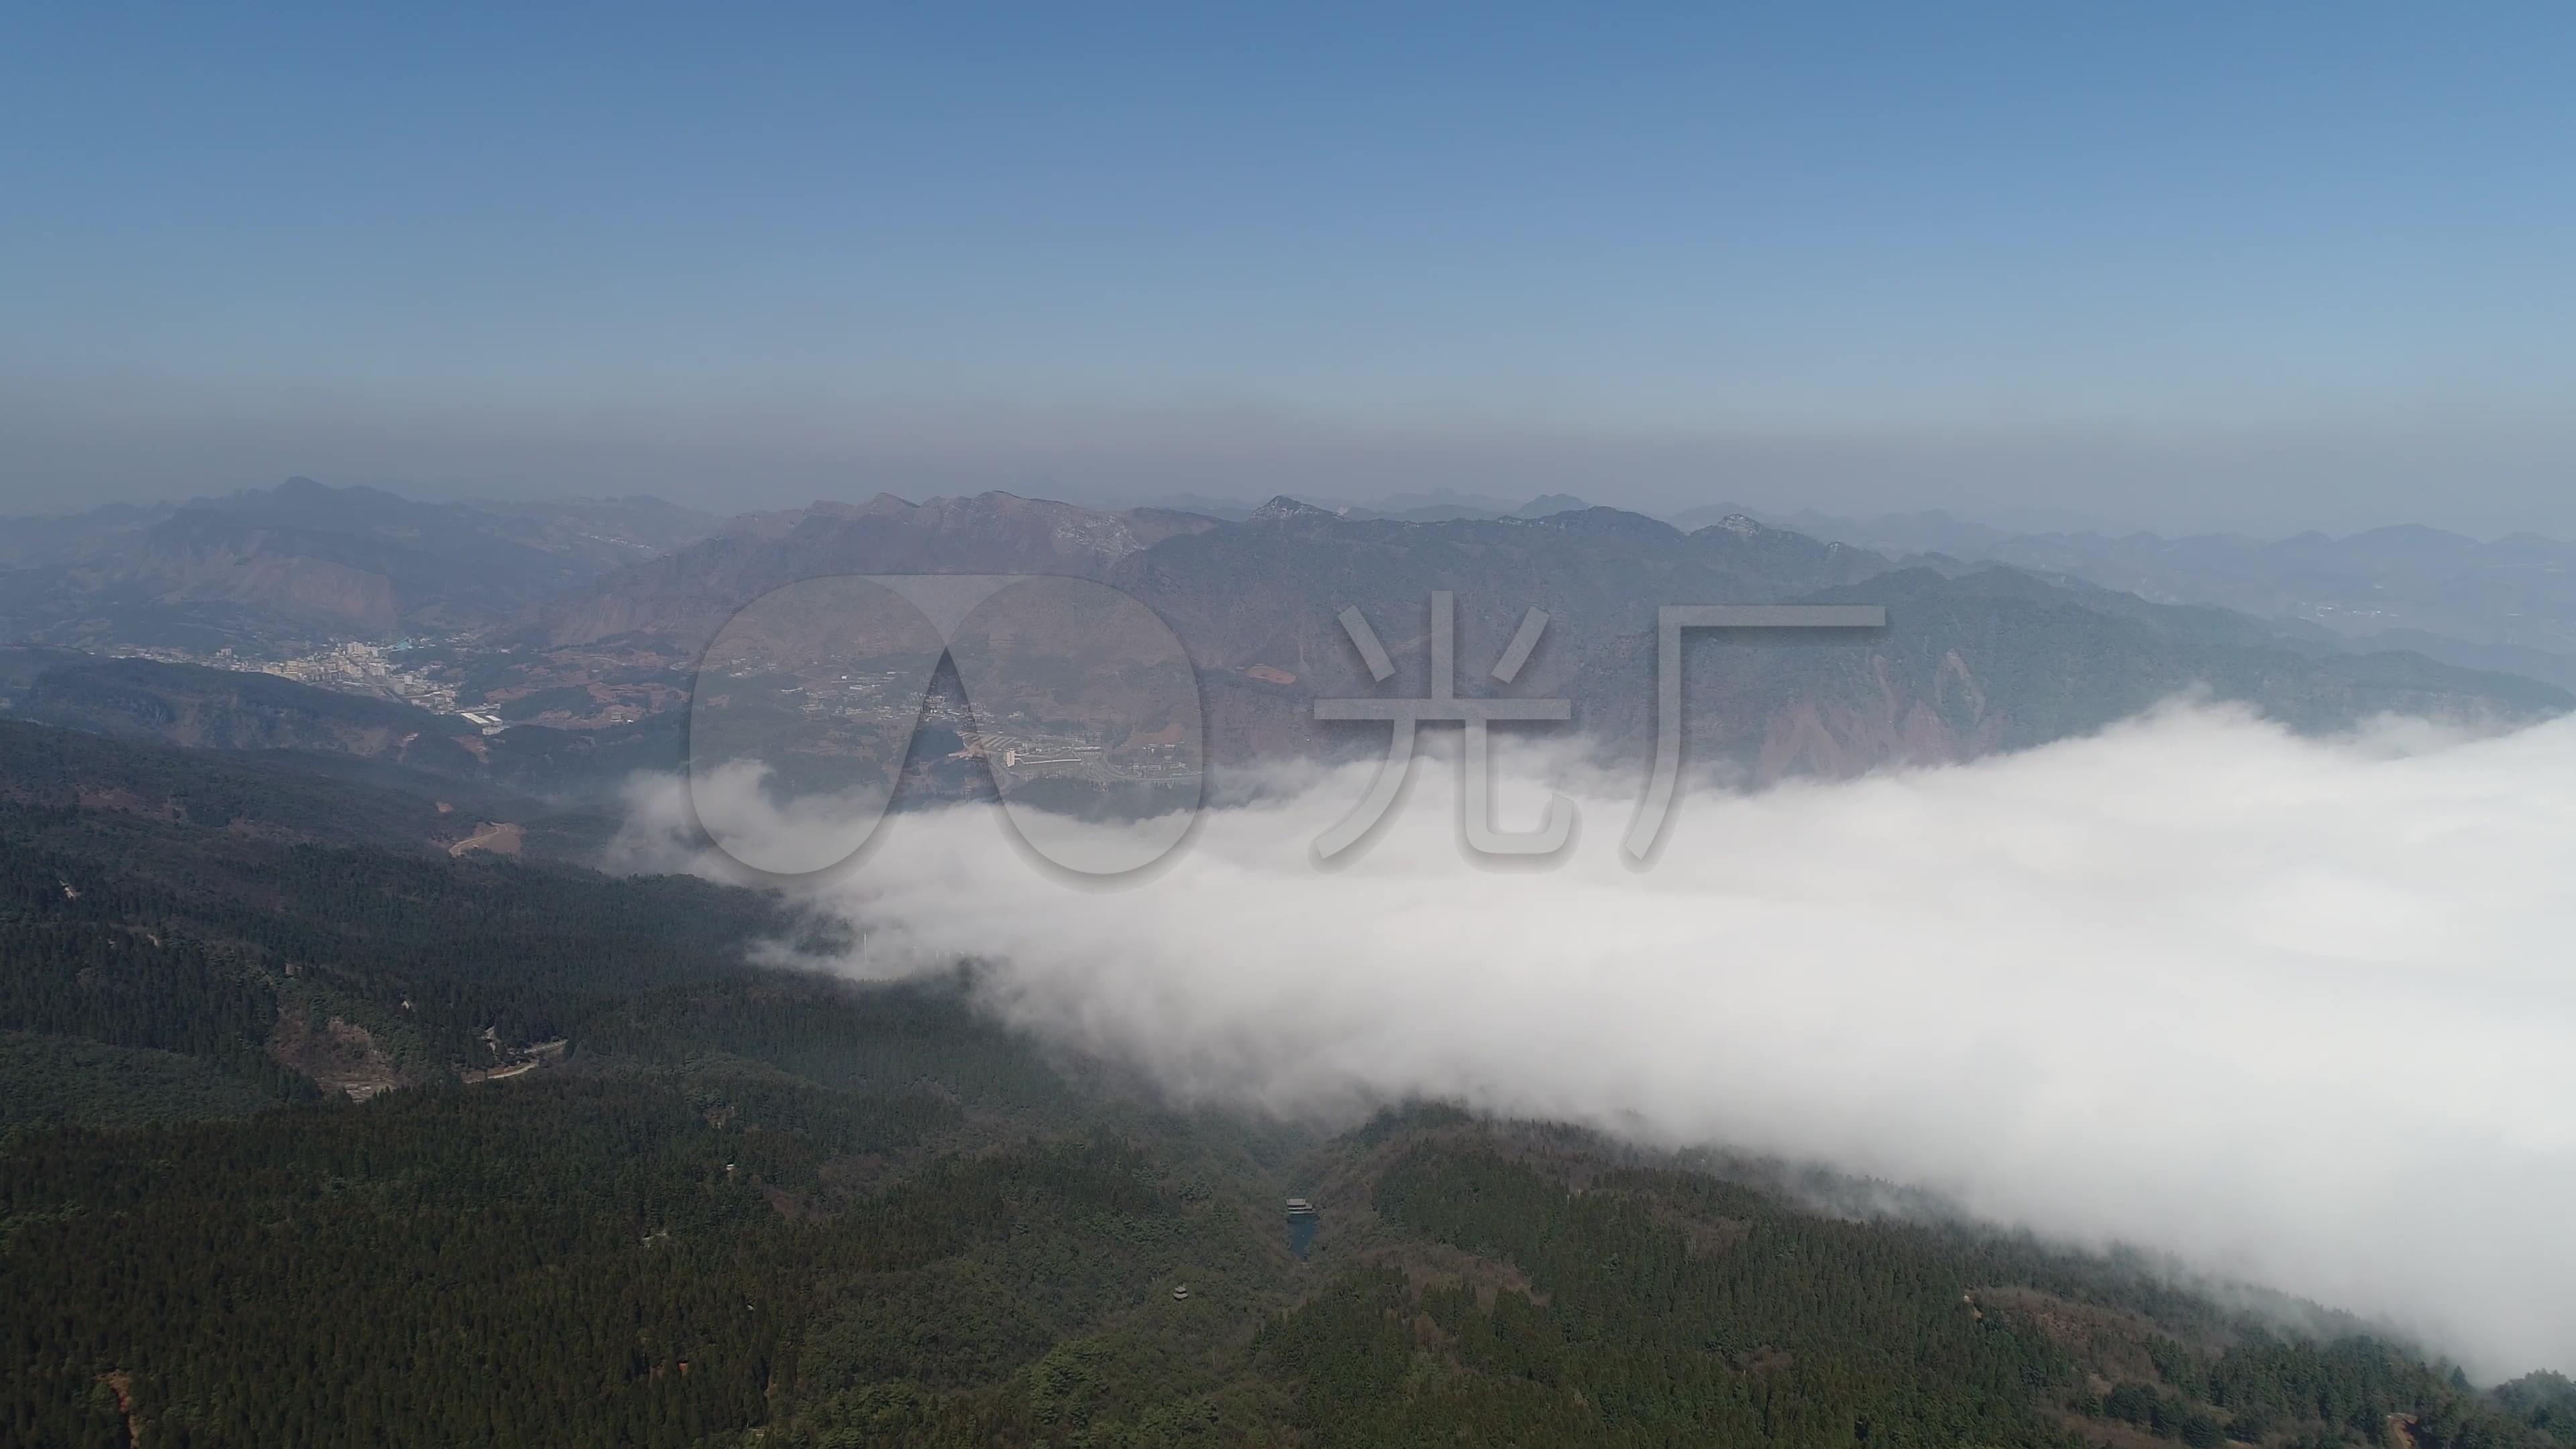 贵州玉舍国家森林公园滑雪场航拍素材